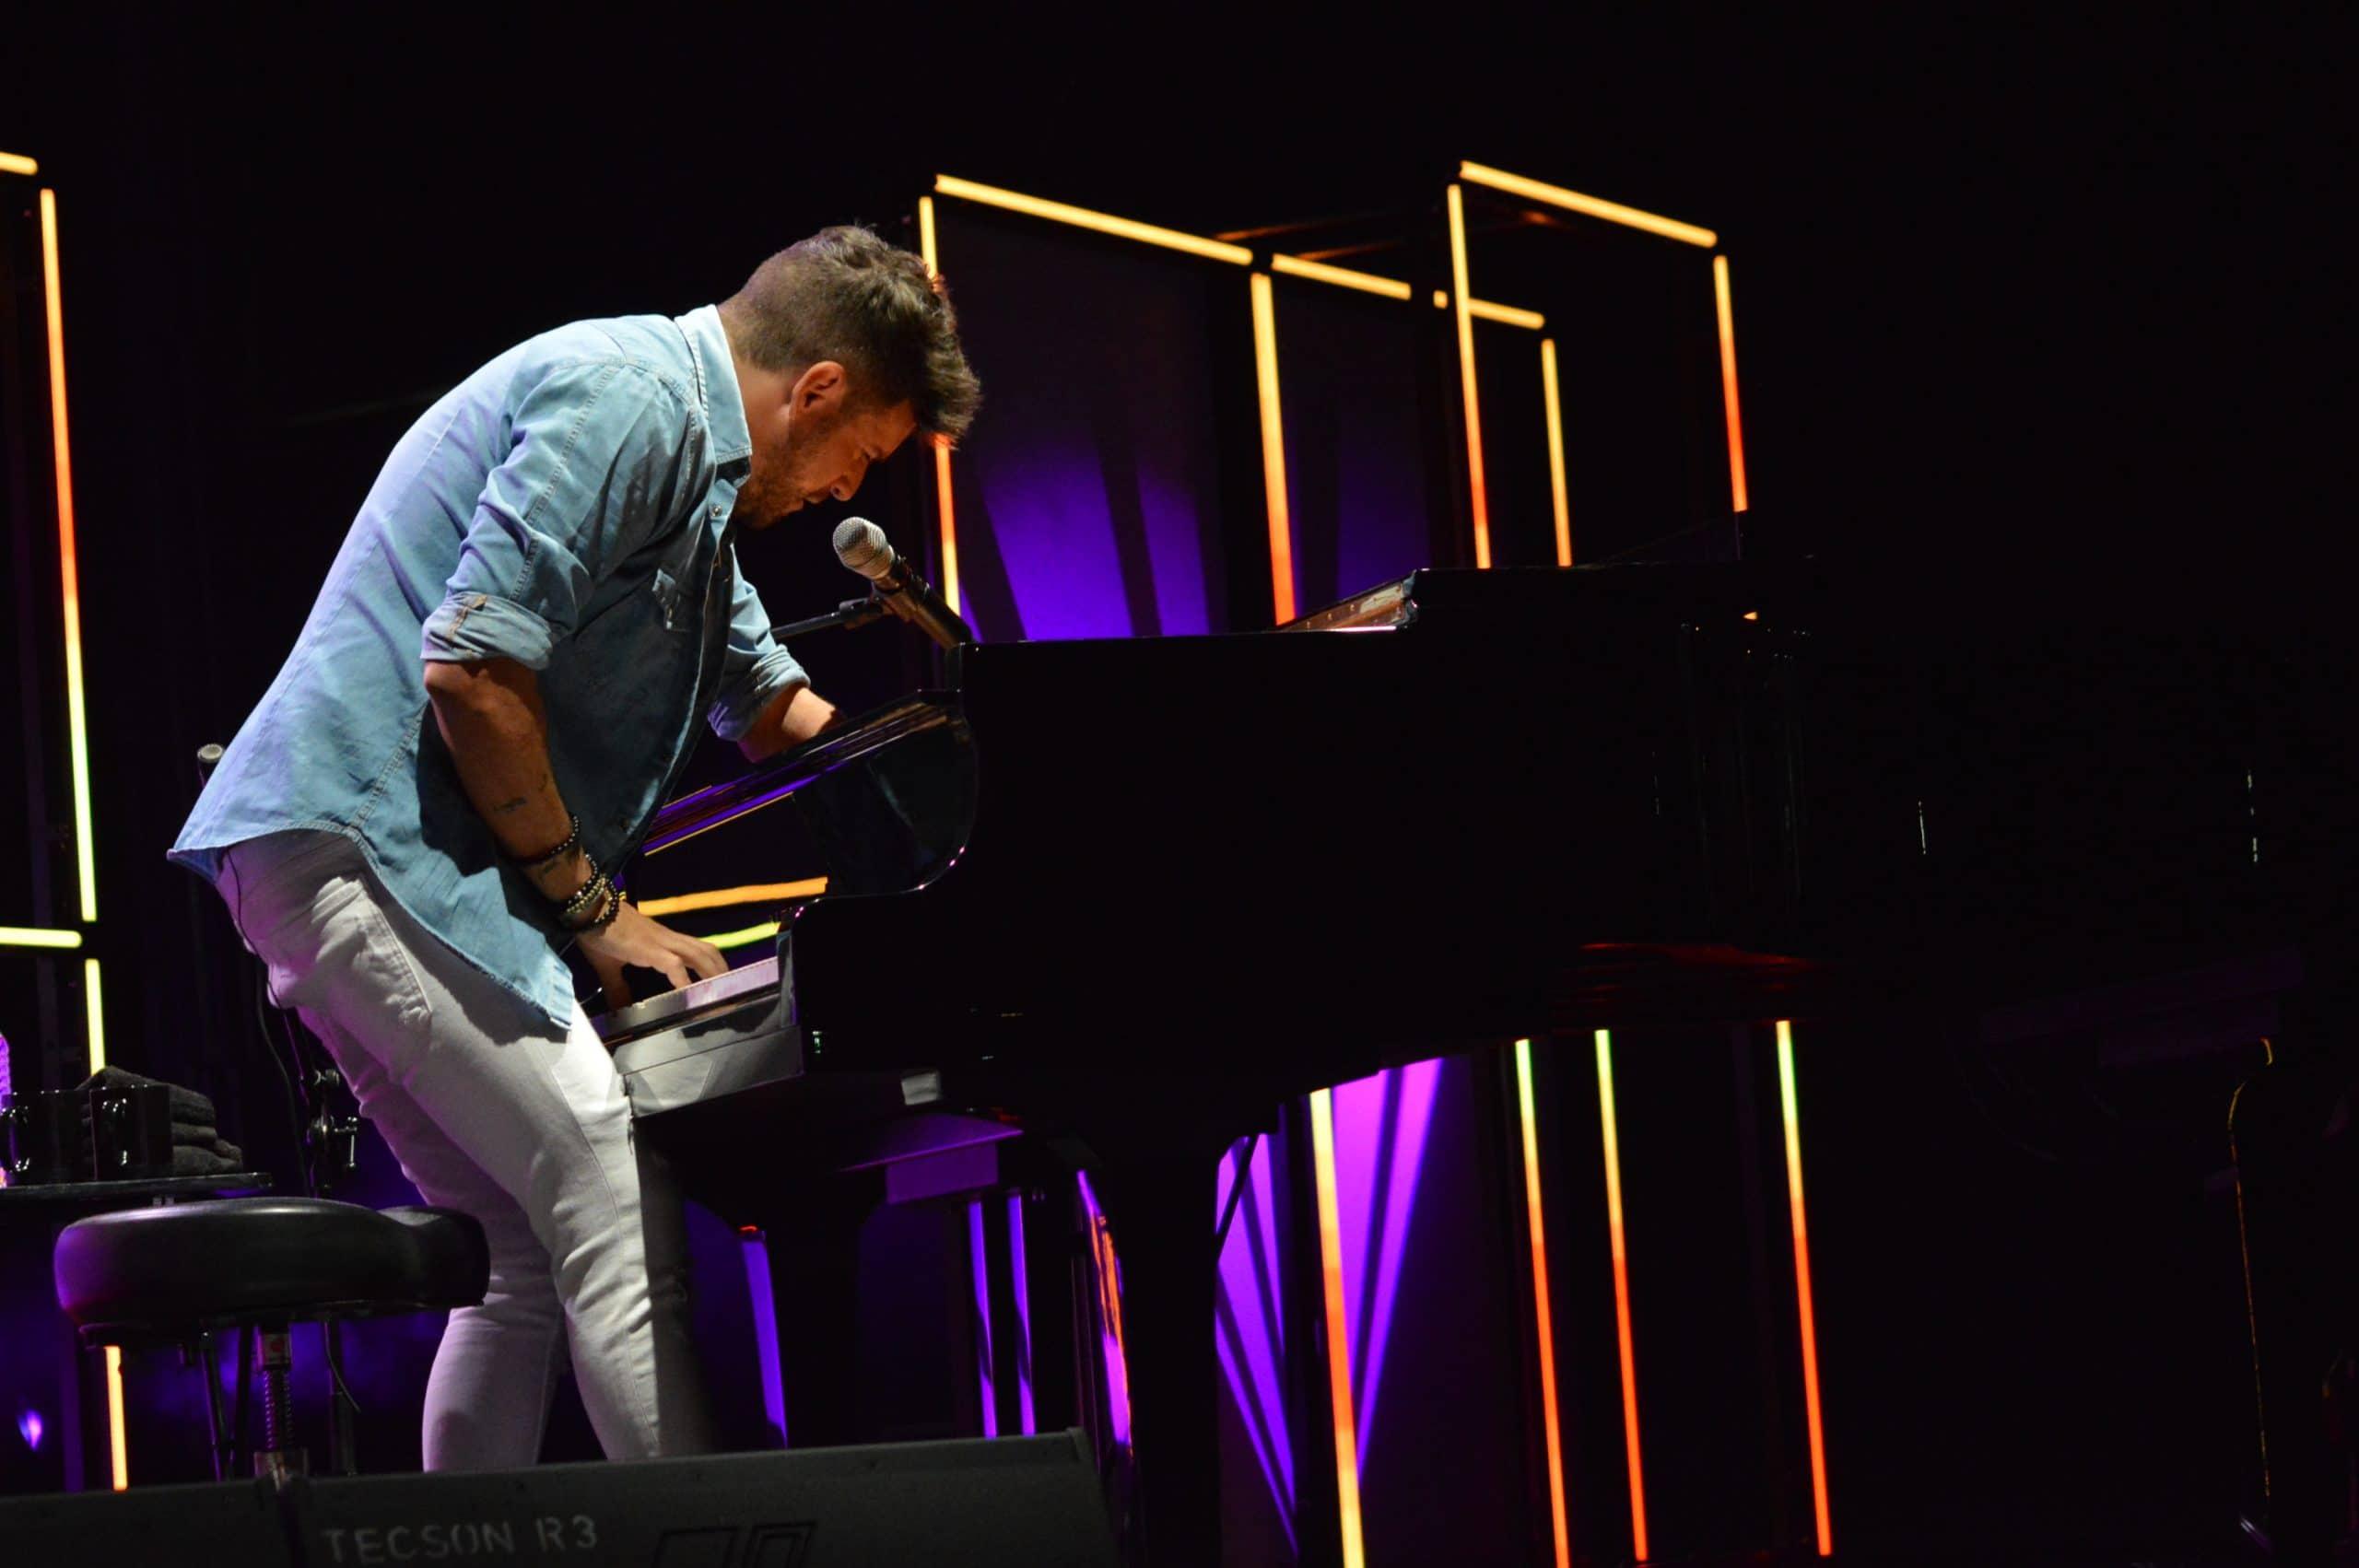 La gira 'López, piano y voz' de Pablo López pone el broche final a las fiestas de la Encina que nunca hubiéramos querido vivir 23